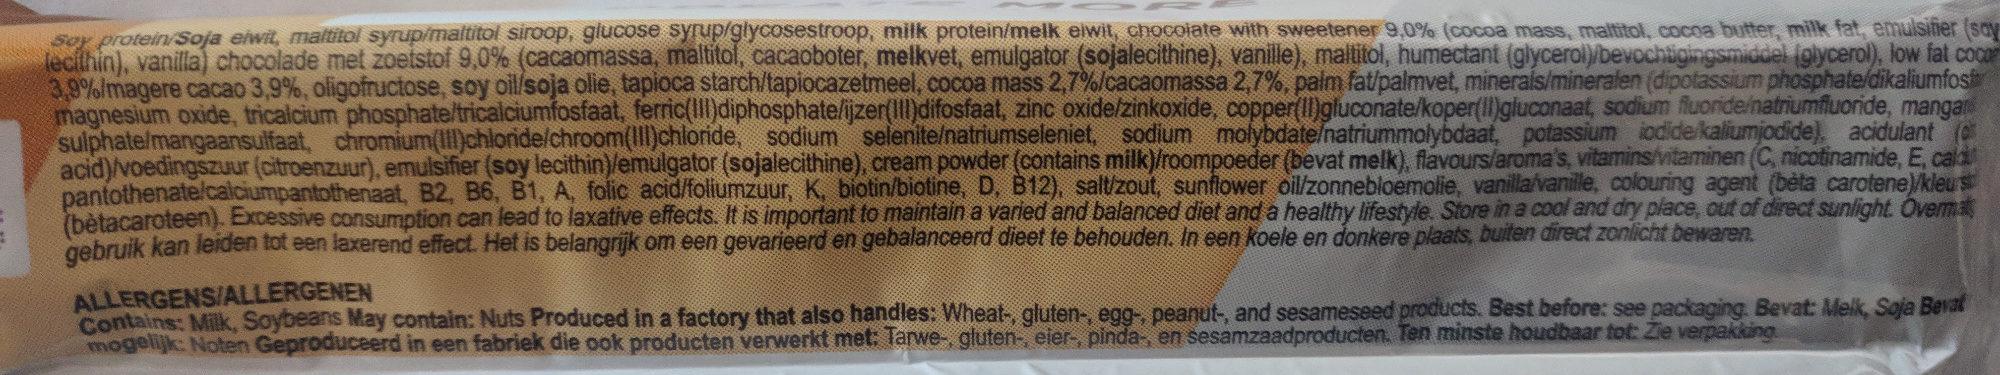 Bar dark choco flavour - Ingredients - en